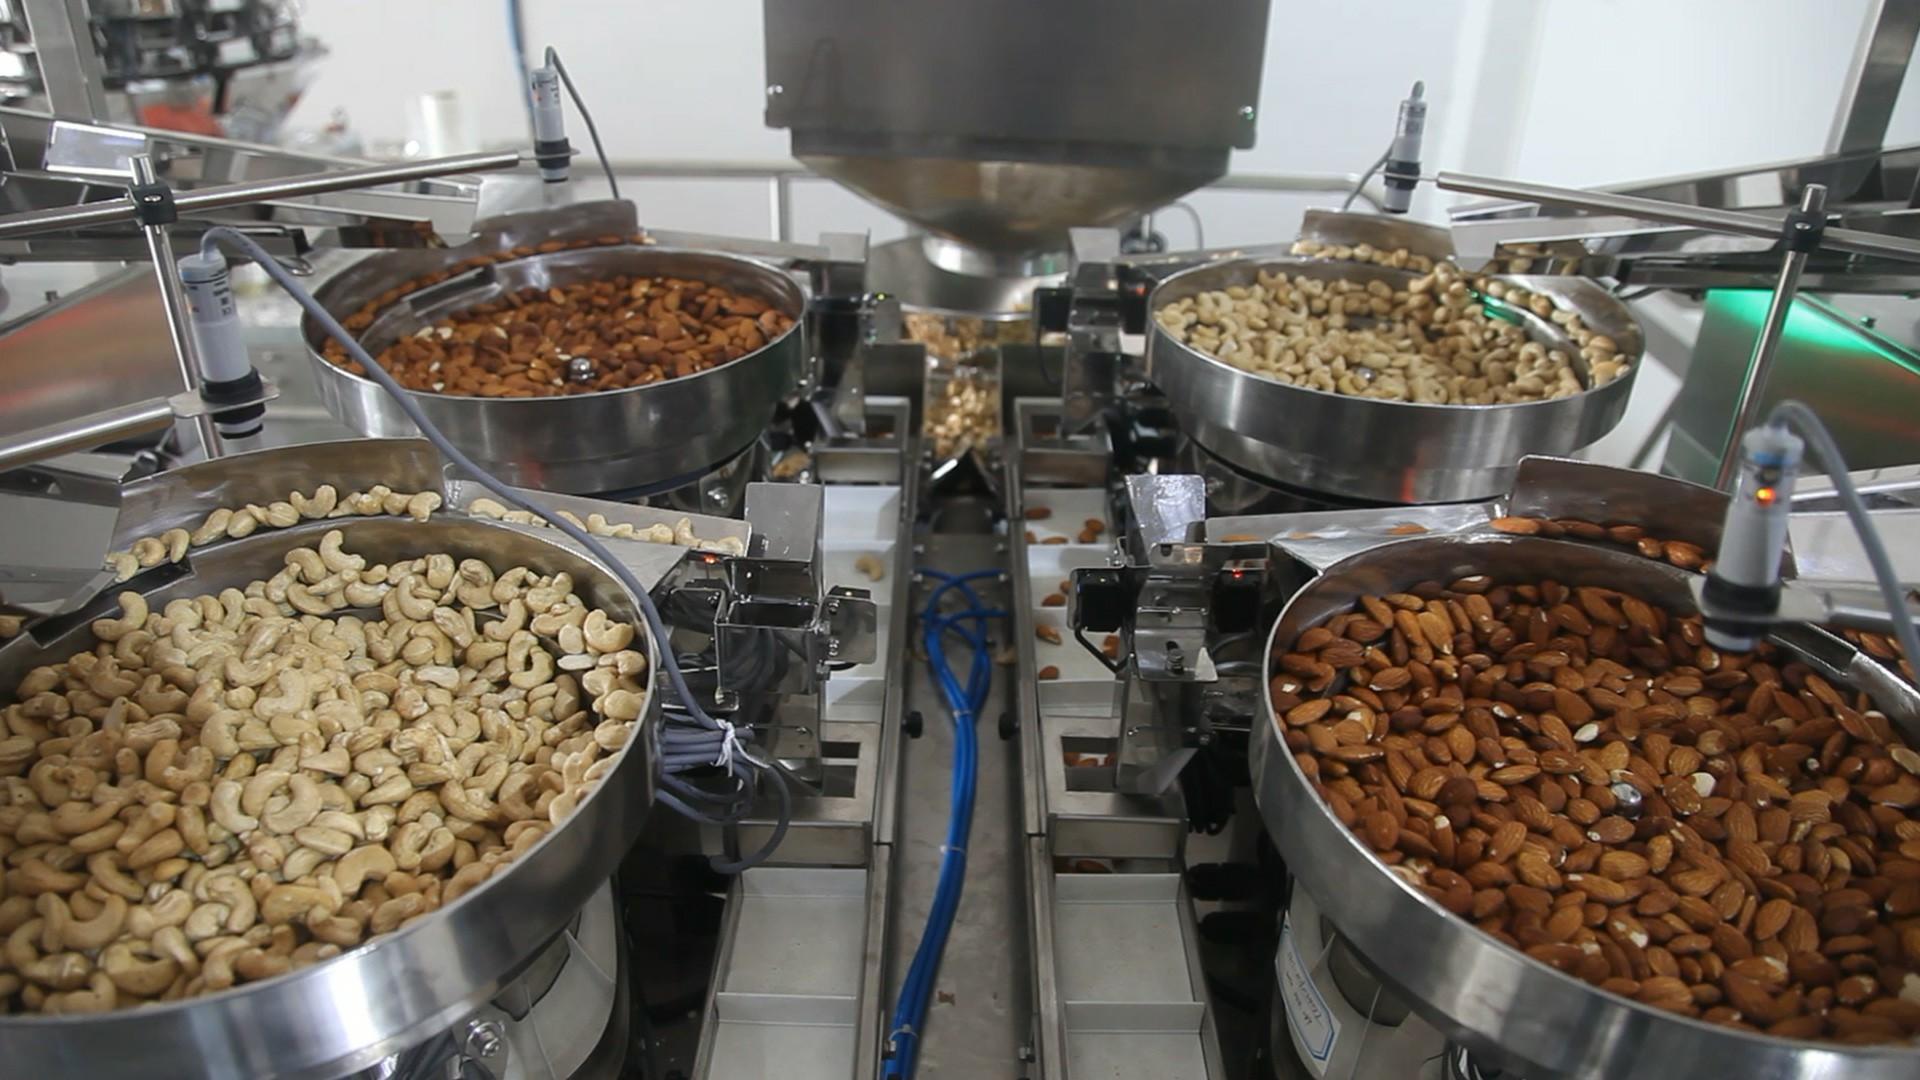 Sistema automático de aplicación de envasado para conteo cuantitativo, pesaje y mezcla de nueces